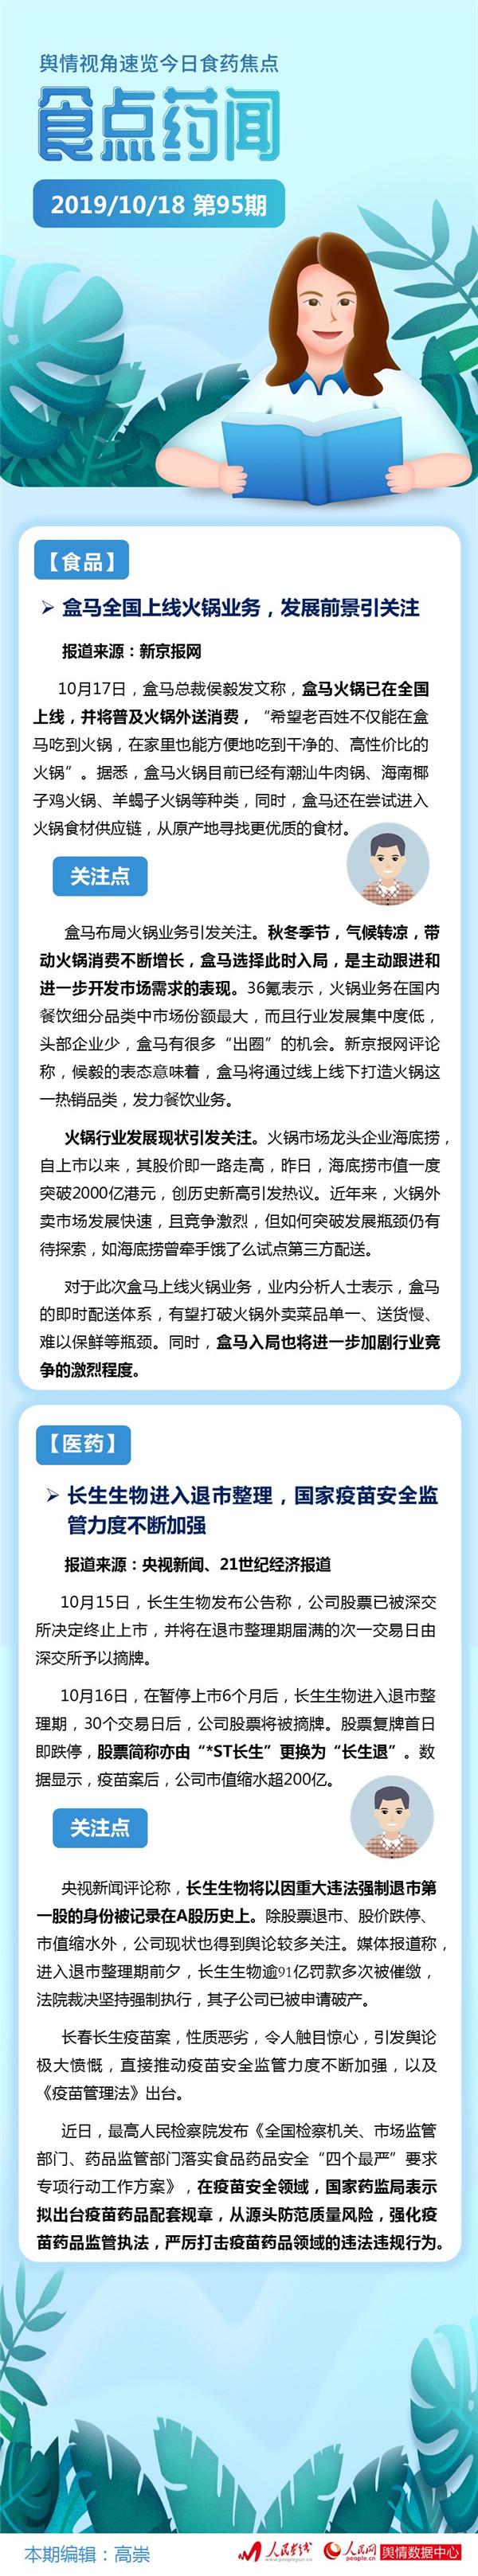 食药舆情观察:盒马鲜生卖火锅,原因、前景引关注